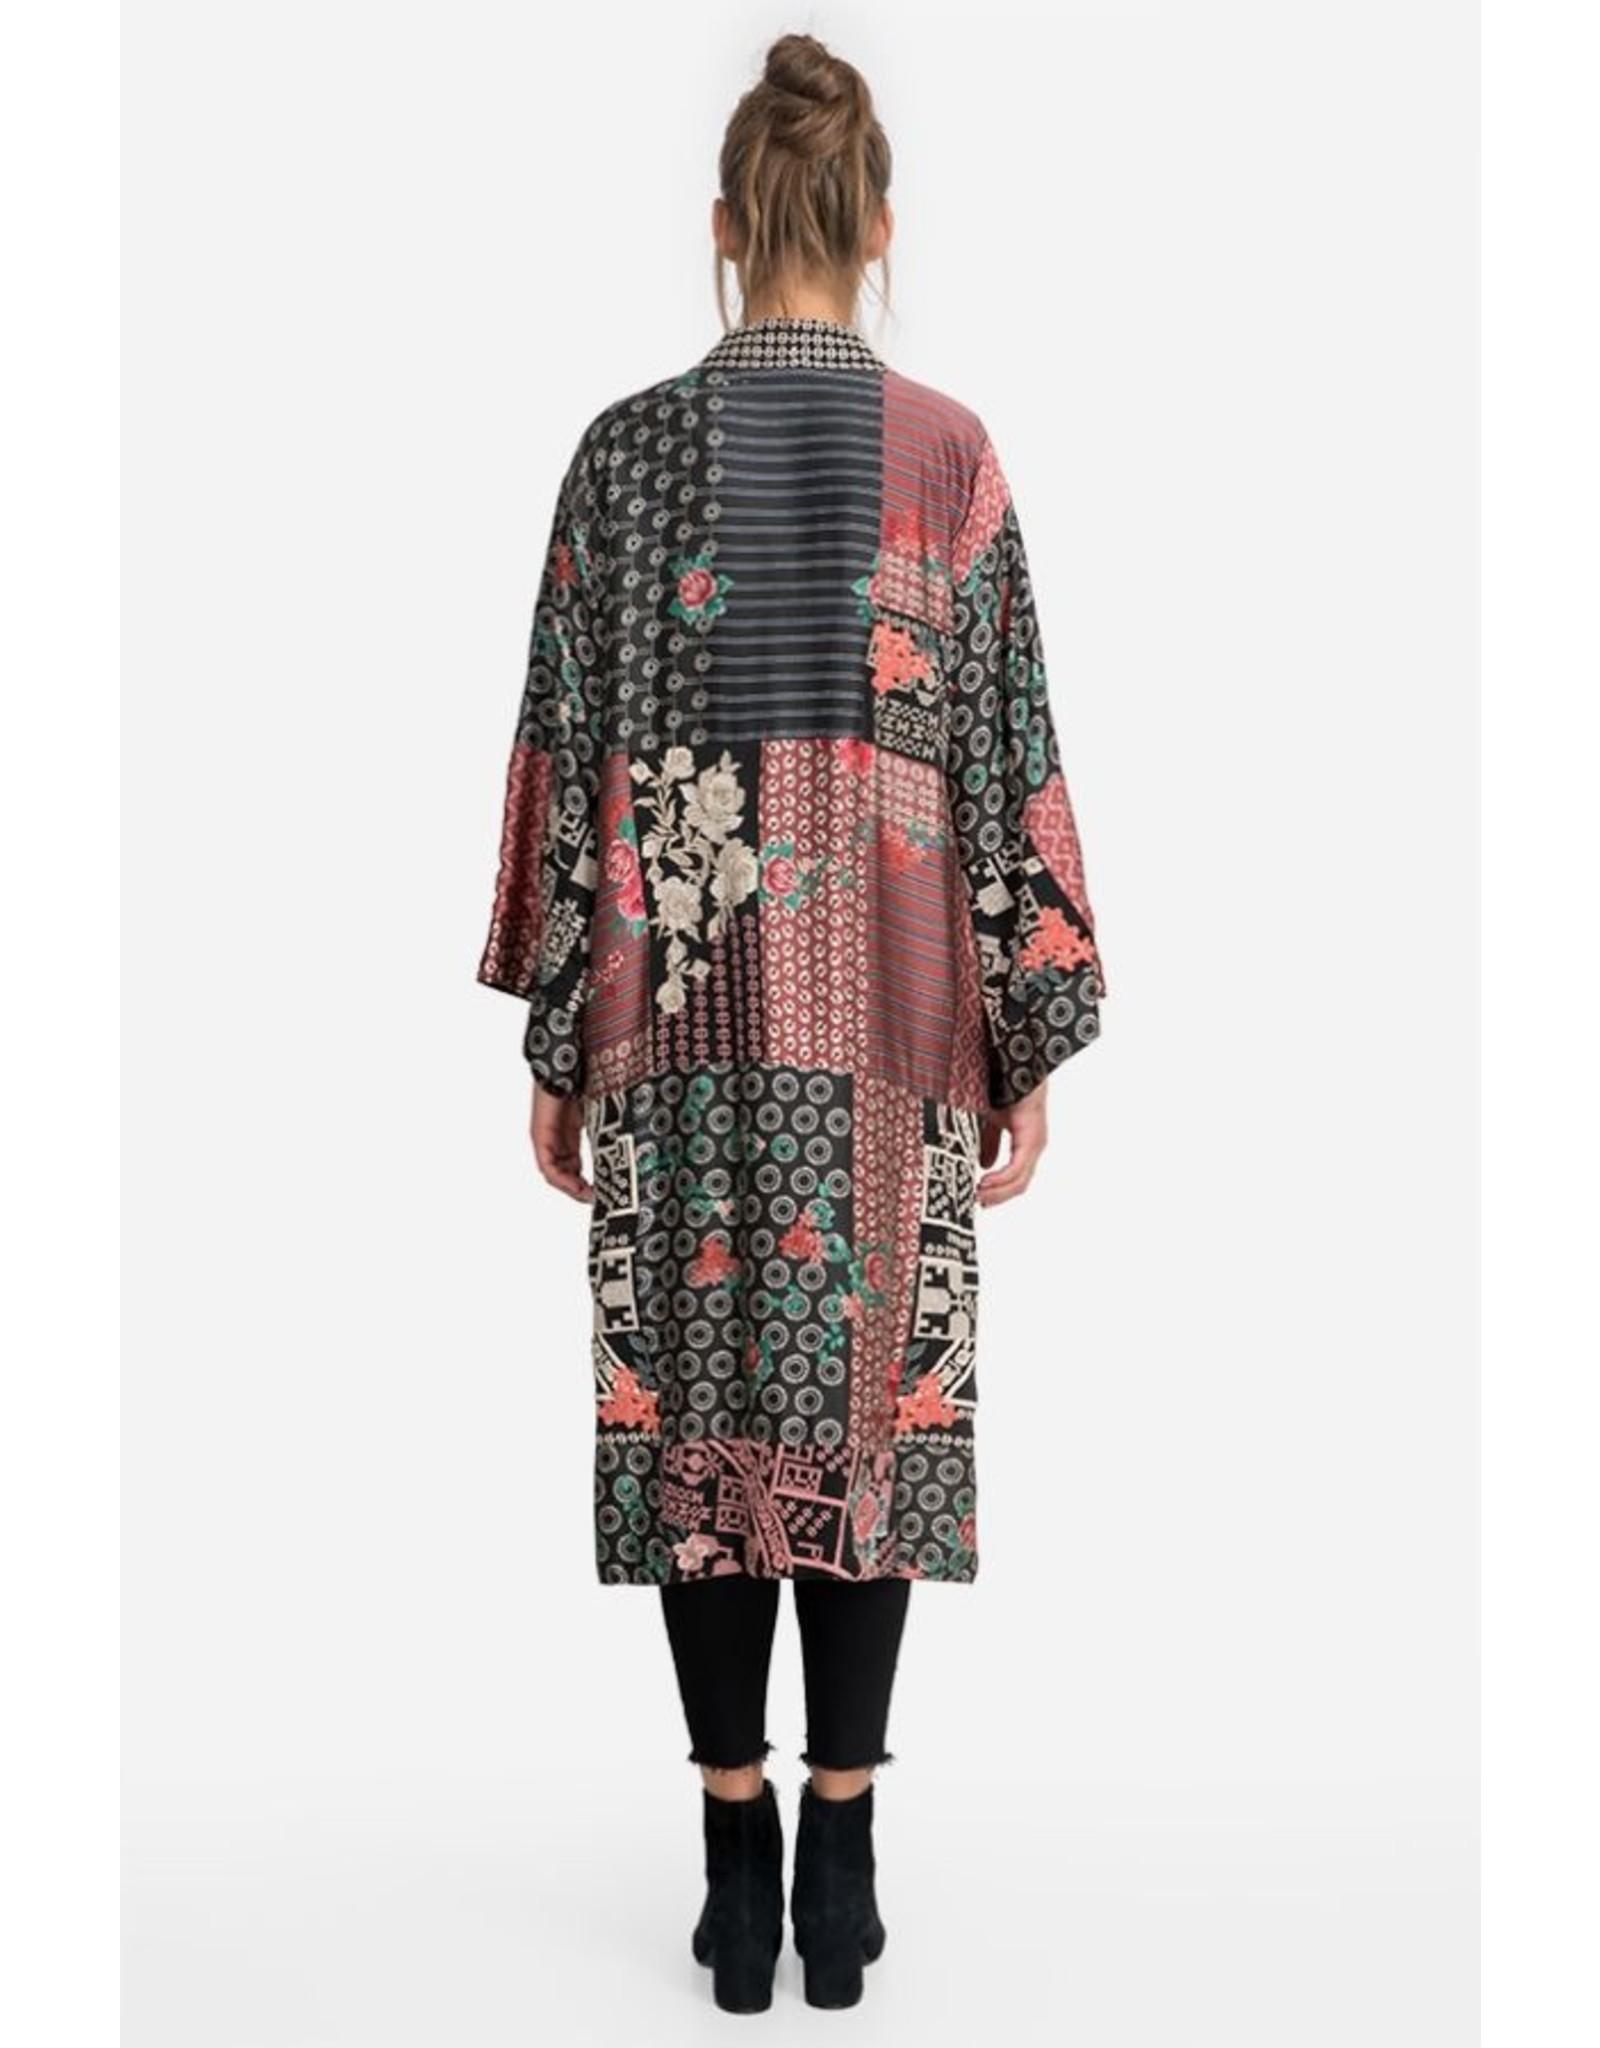 Johnny Was Korie Kimono (Reversible)